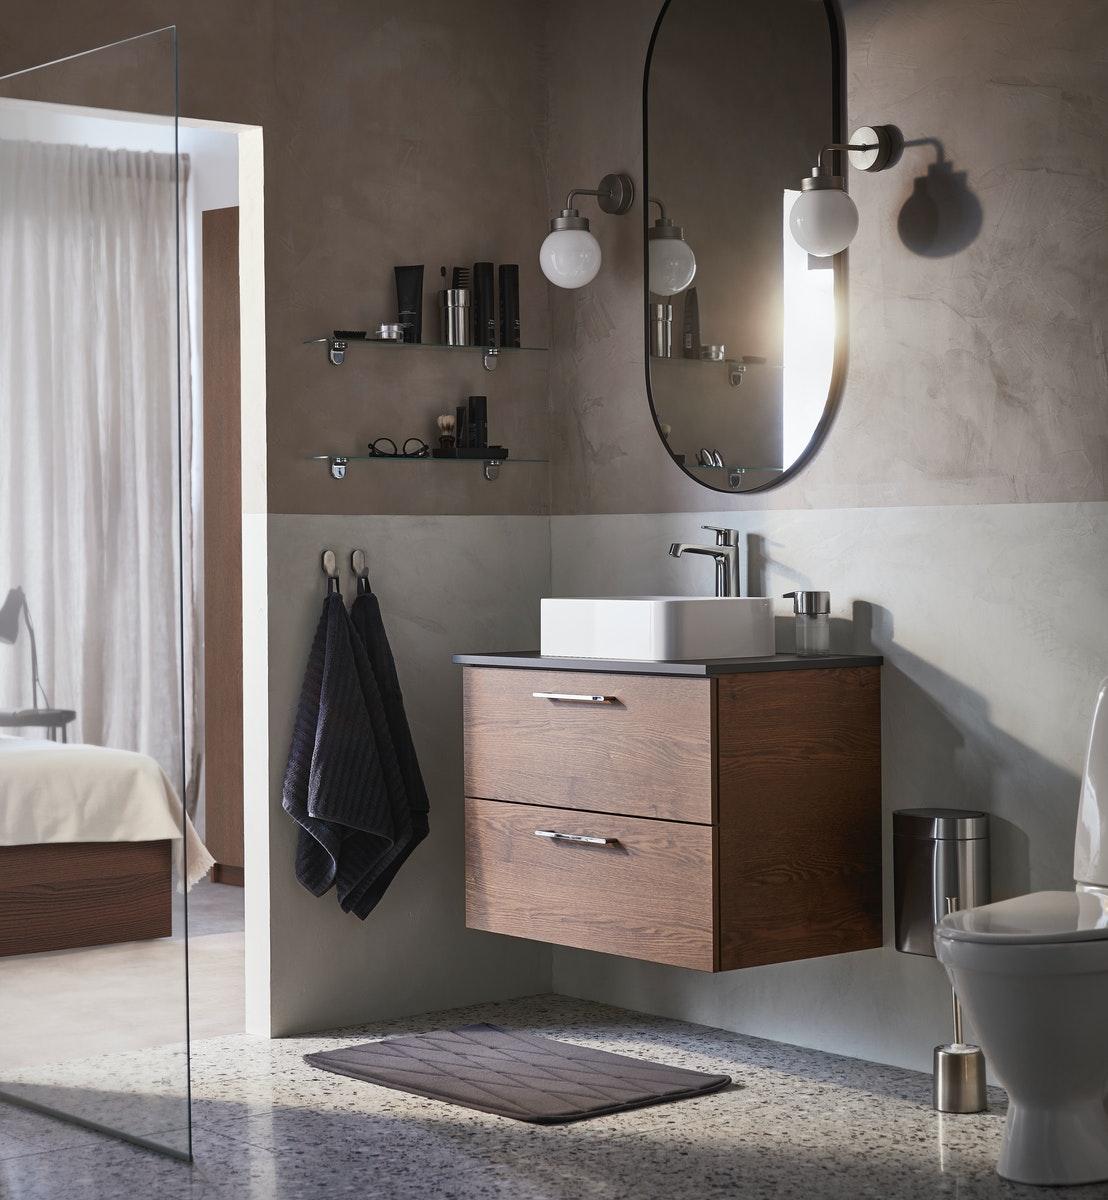 GODMORGON serie af badeværlsesmøbler i høj kvalitet.